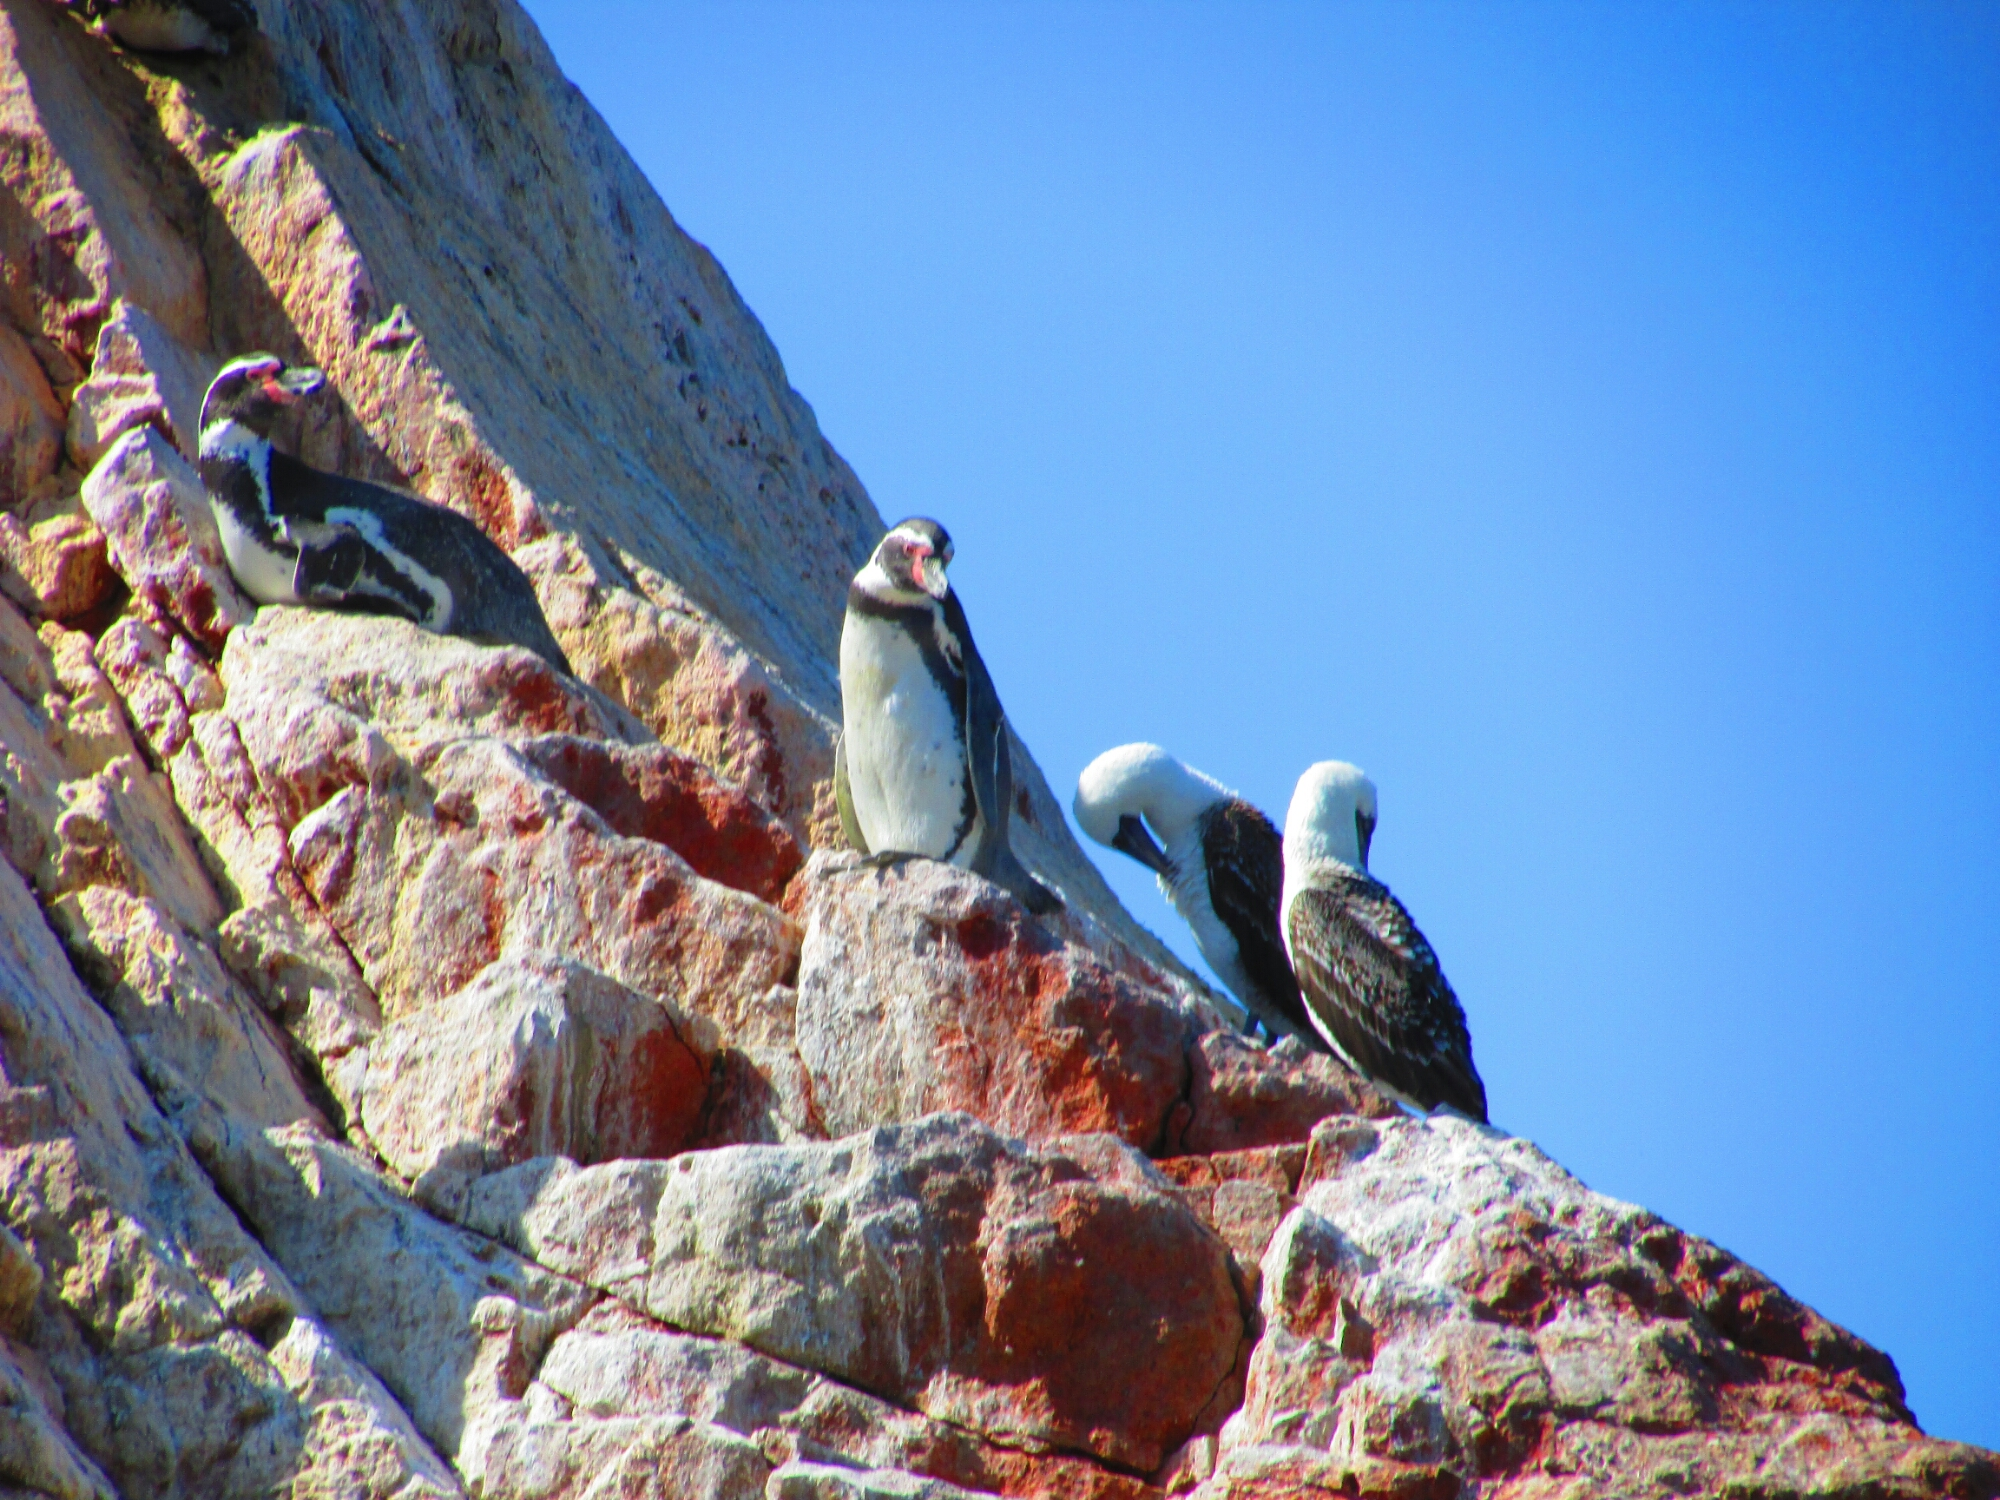 Pingüinos y aves en Isla Ballesta en Paracas, Perú